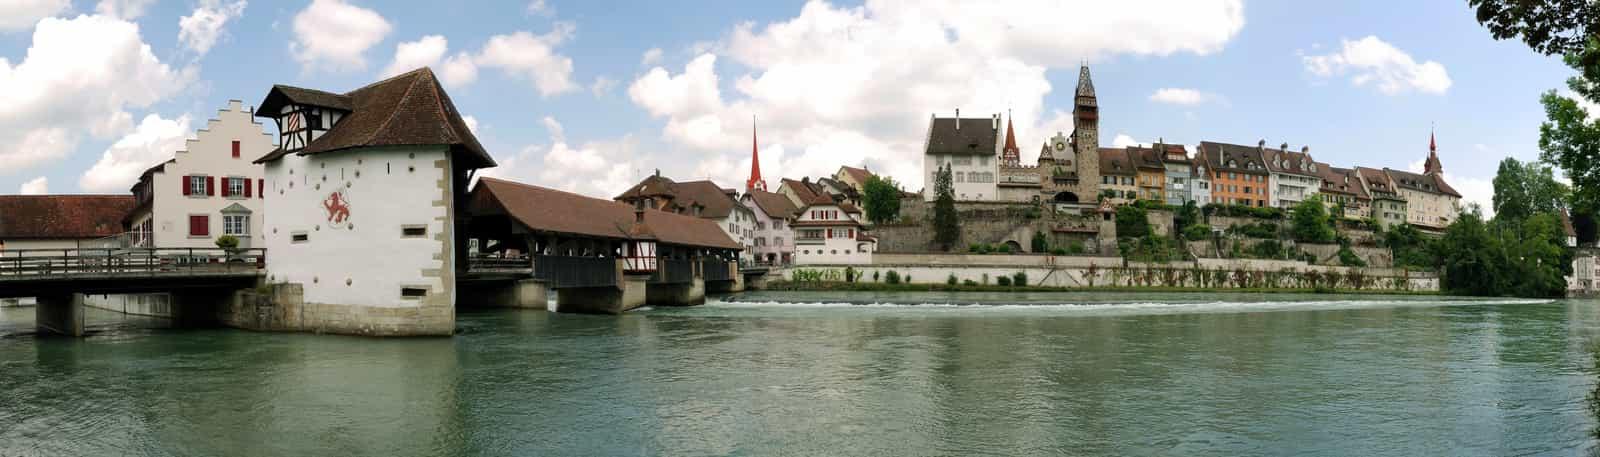 Ansicht von Bremgarten: Holzbrücke über die Reuss, Kirchturmspitze der Stadtkirche